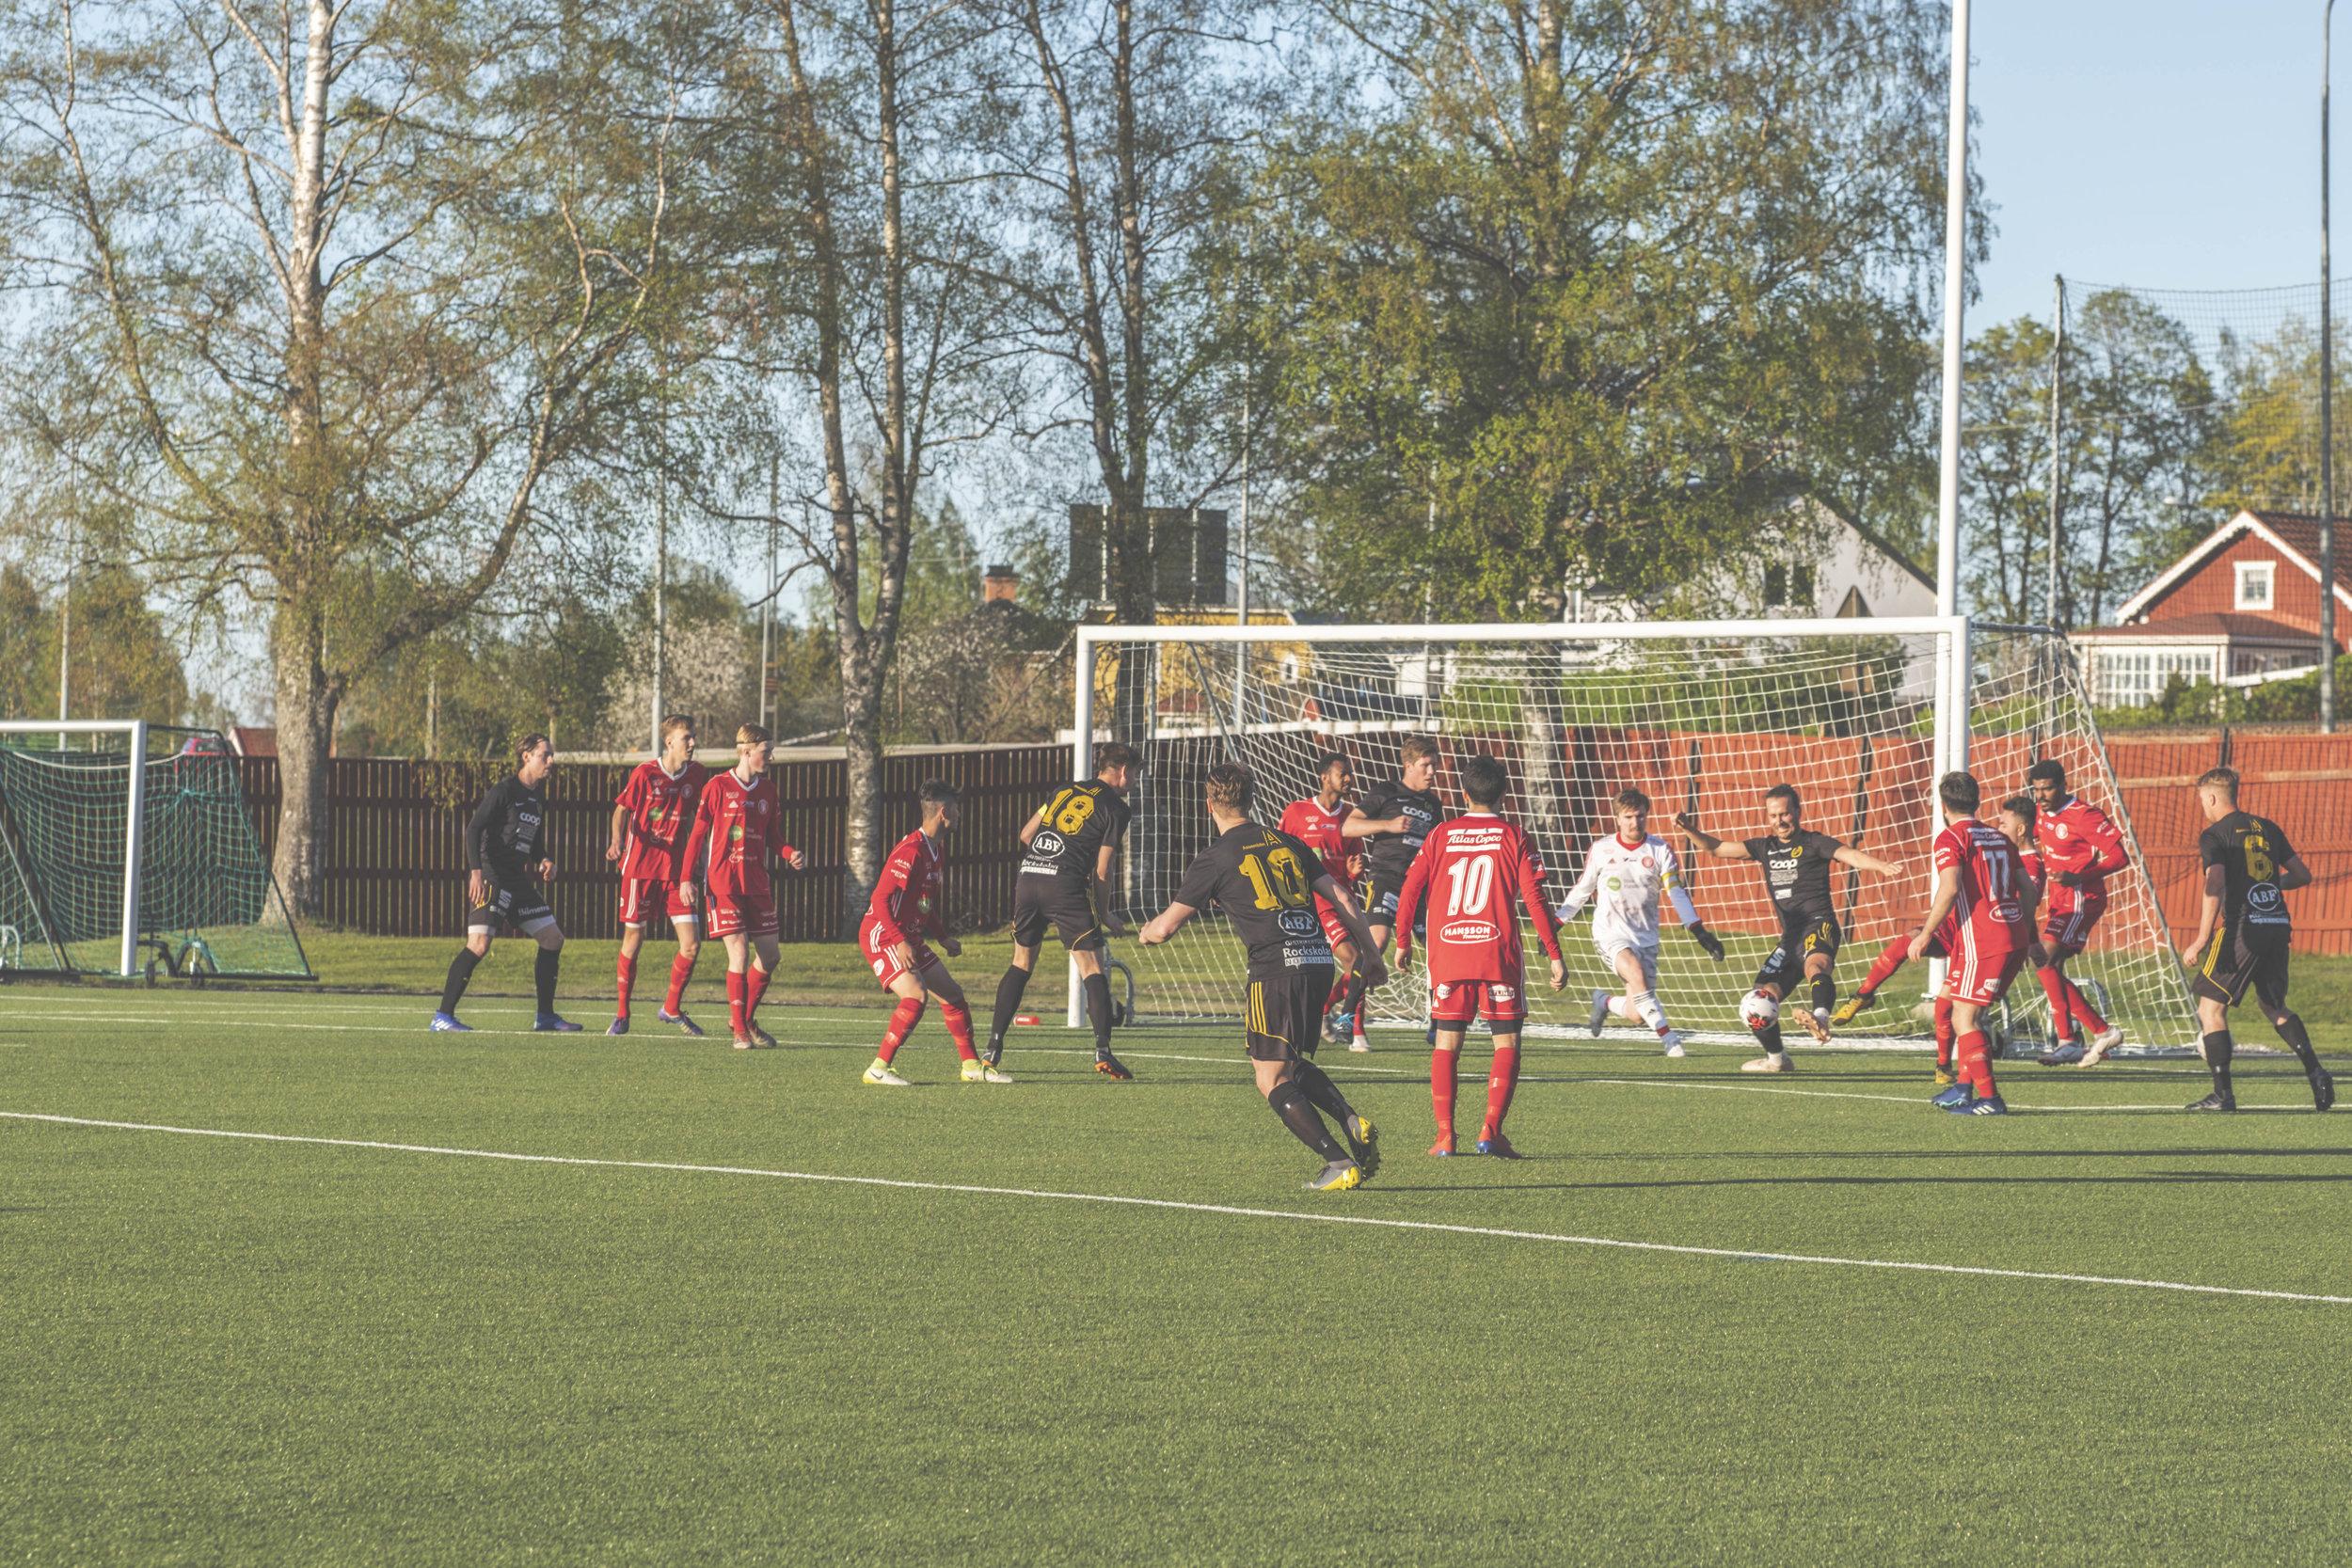 fotboll-v22-2019-1137.jpg